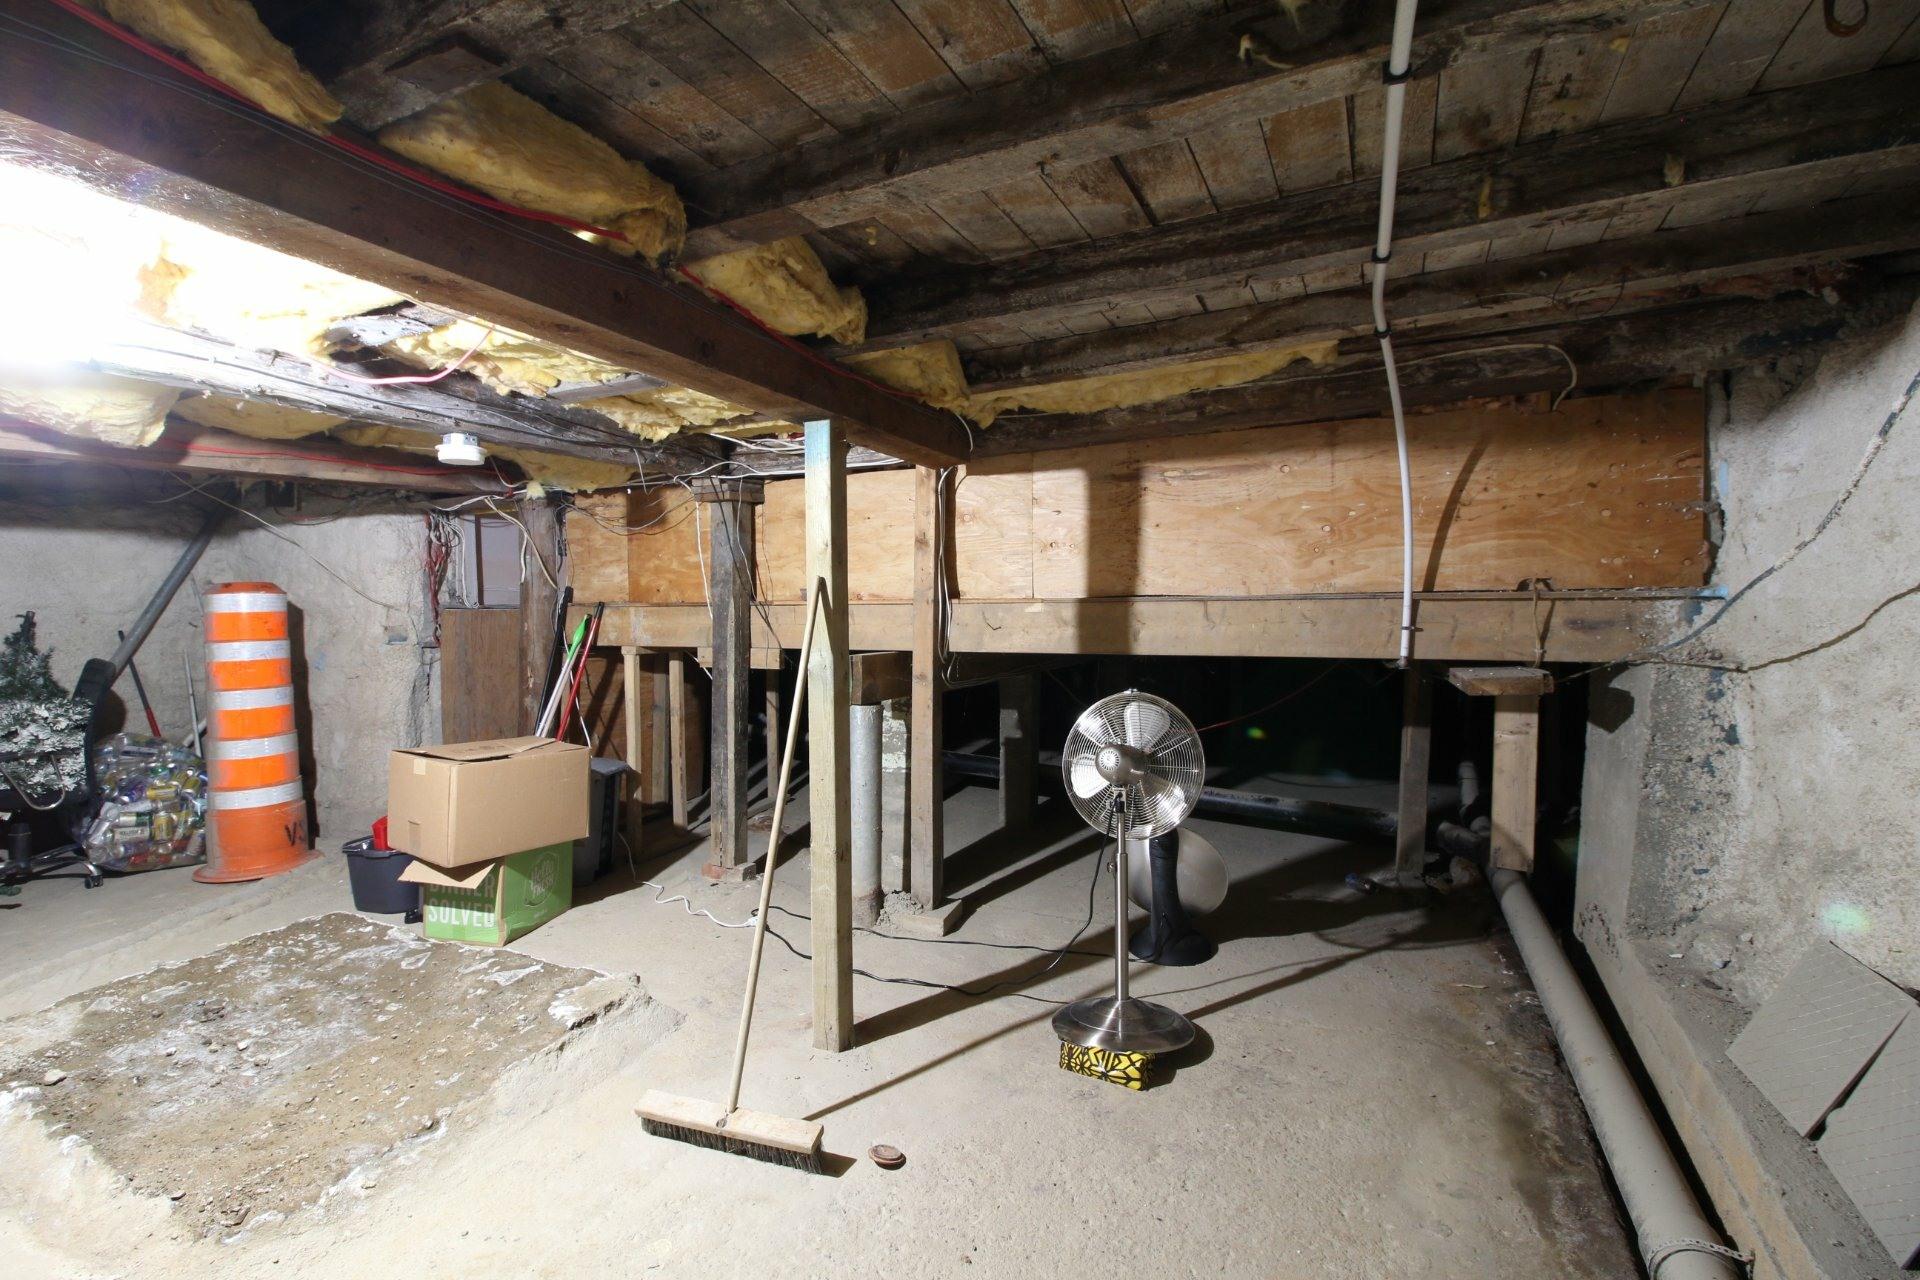 image 23 - Duplex À vendre Fleurimont Sherbrooke  - 4 pièces